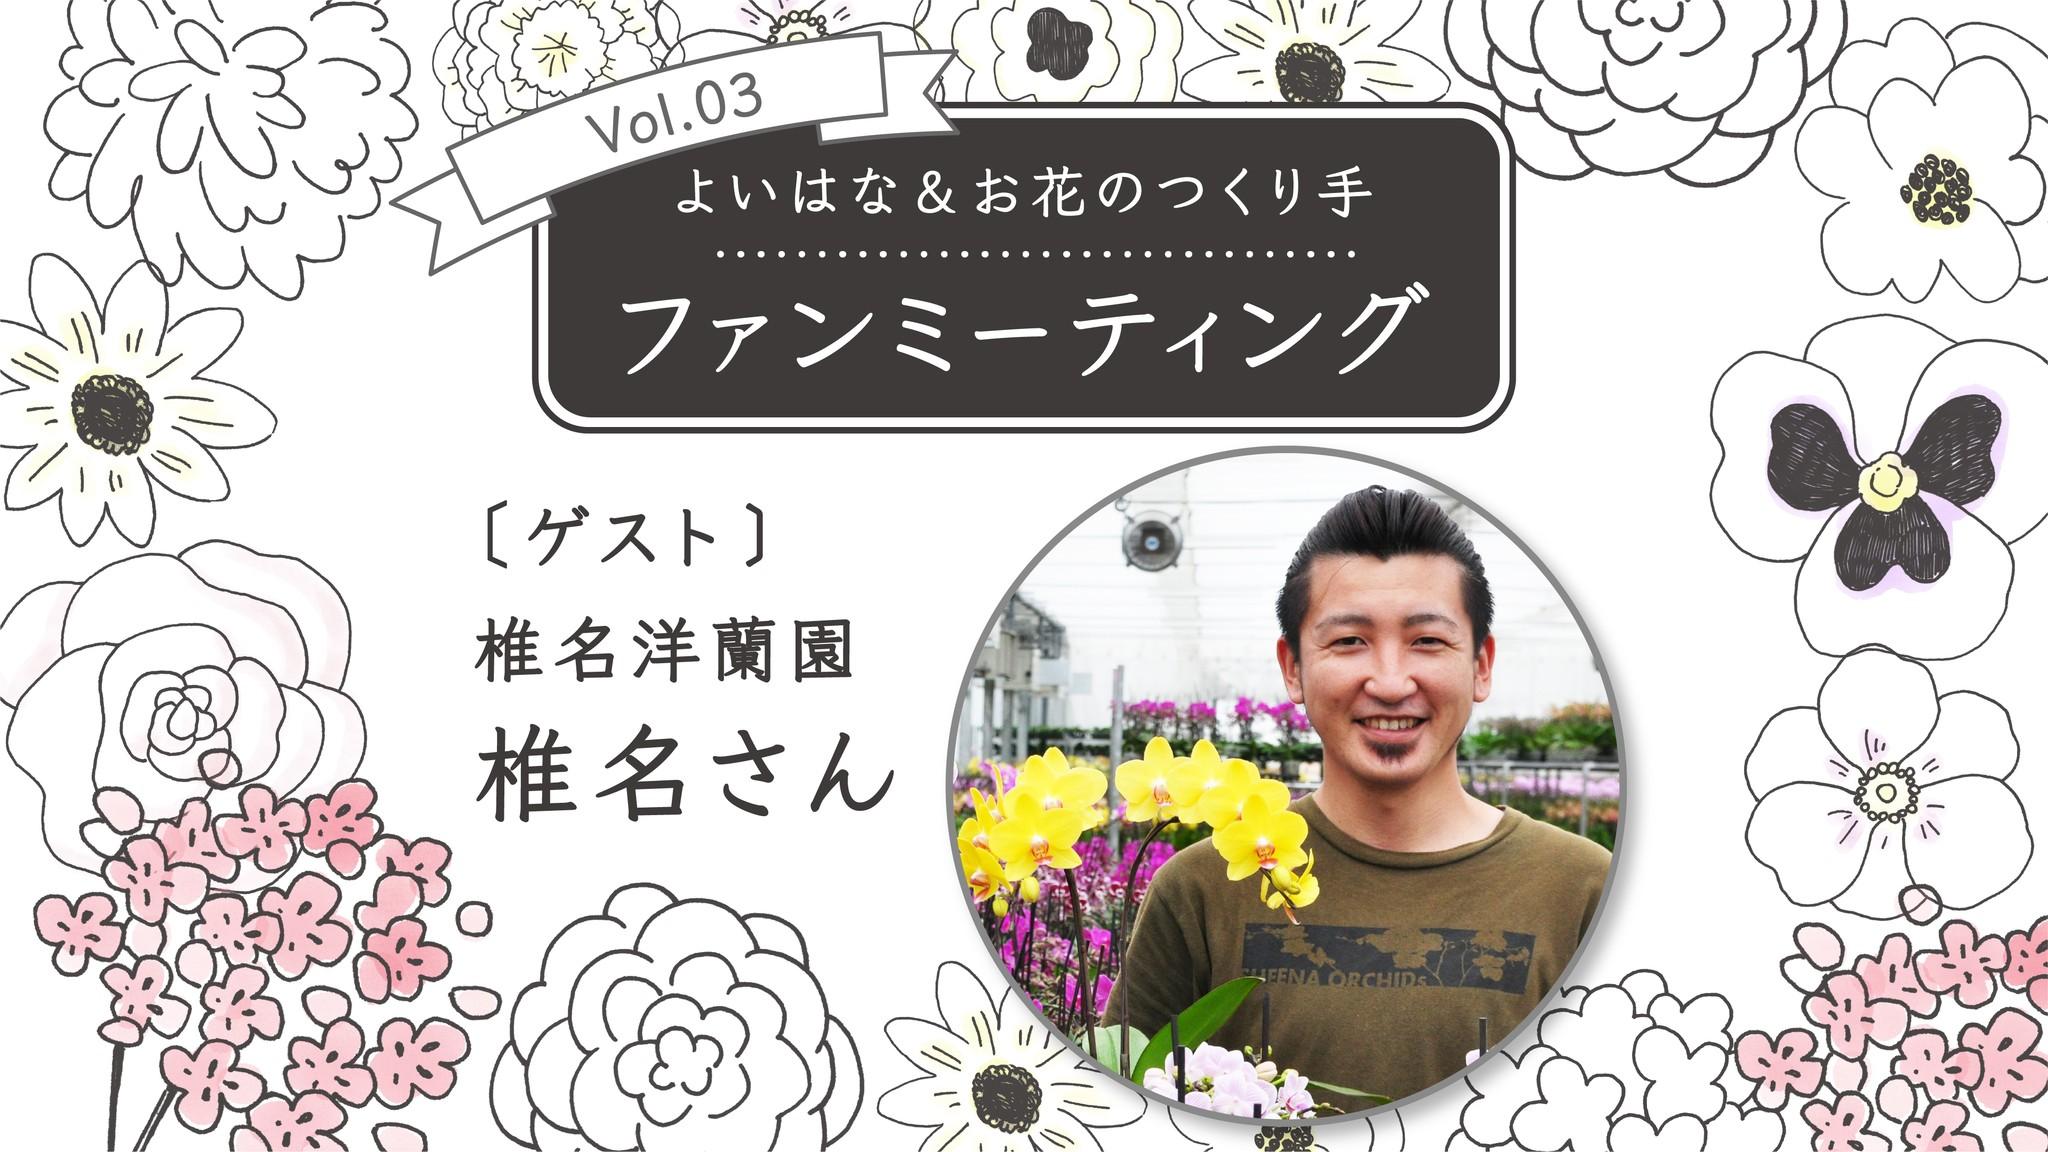 <3/13>オンラインイベント|胡蝶蘭のつくり手「椎名洋ラン園」椎名様 質問募集中!